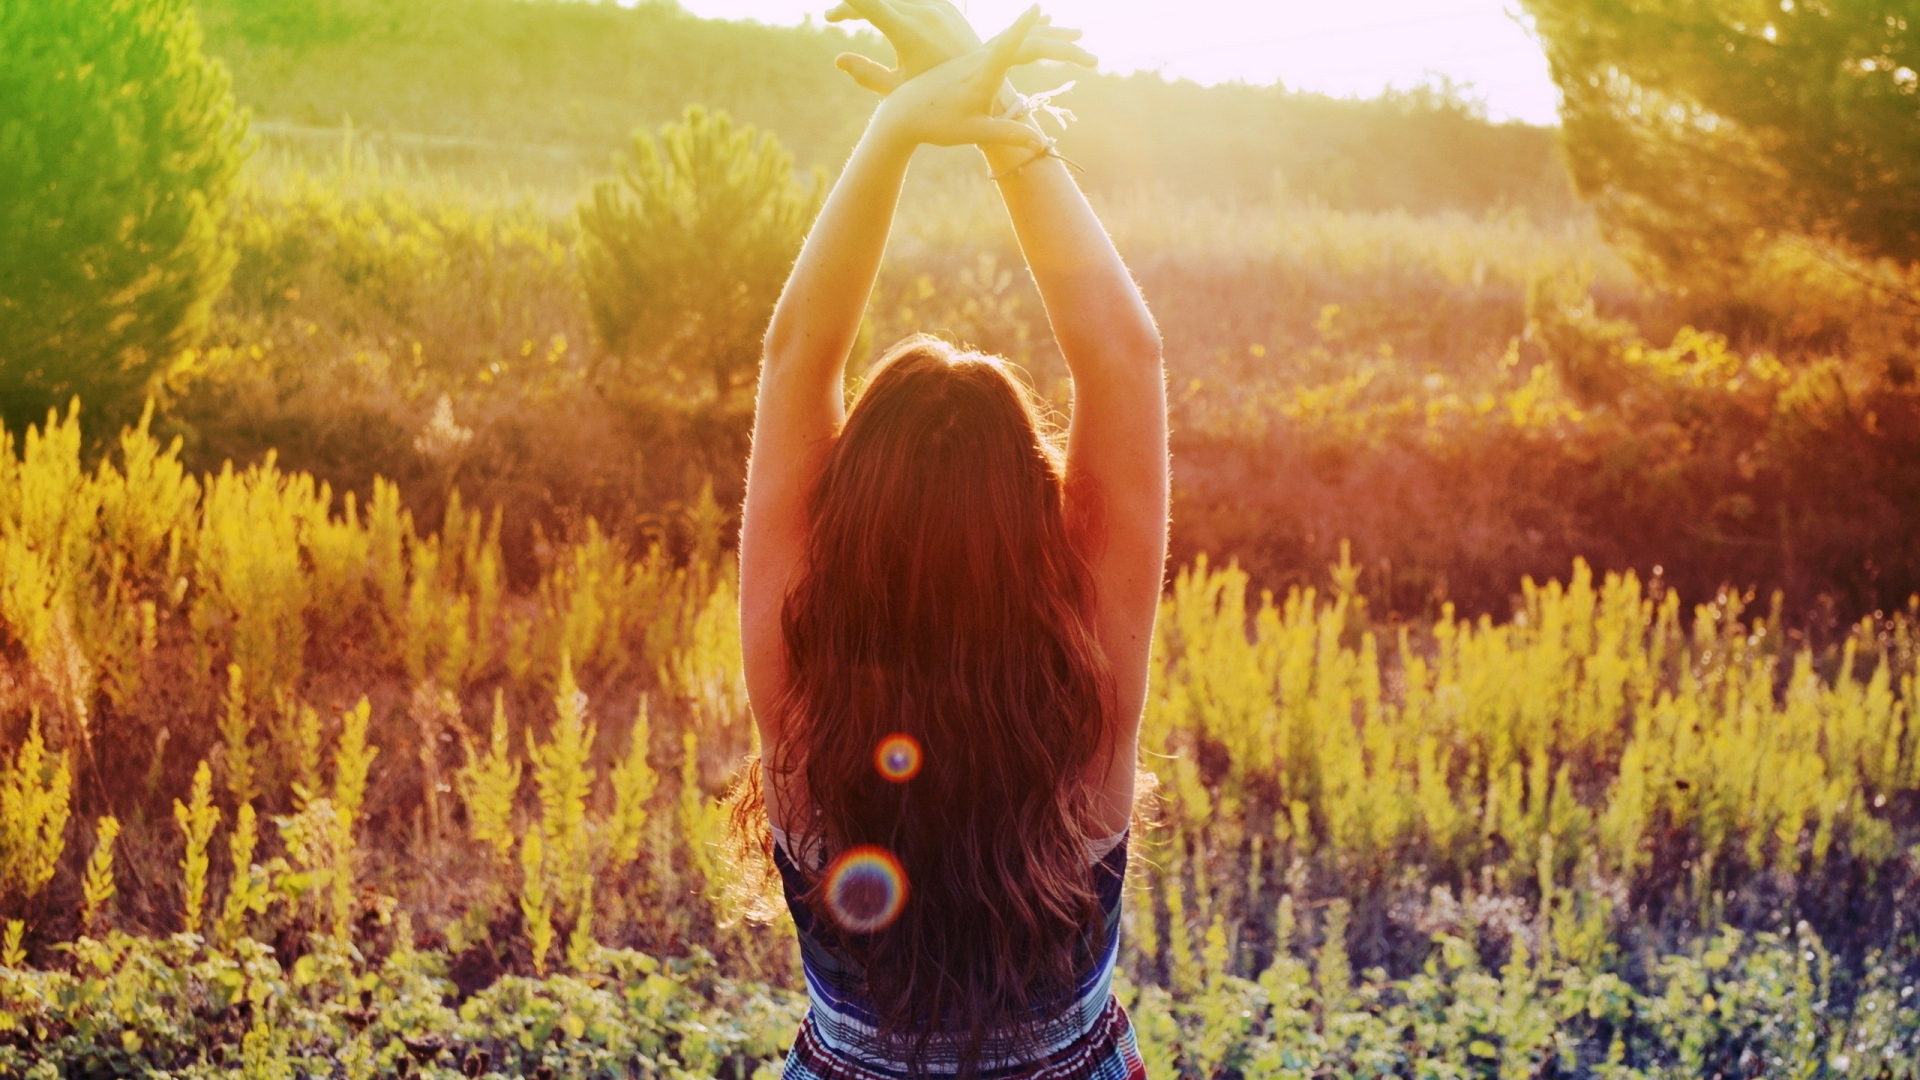 Download Wallpaper 1920x1080 Field Grass Meditation Summer Girl Dress Full Hd 1080p Hd Background